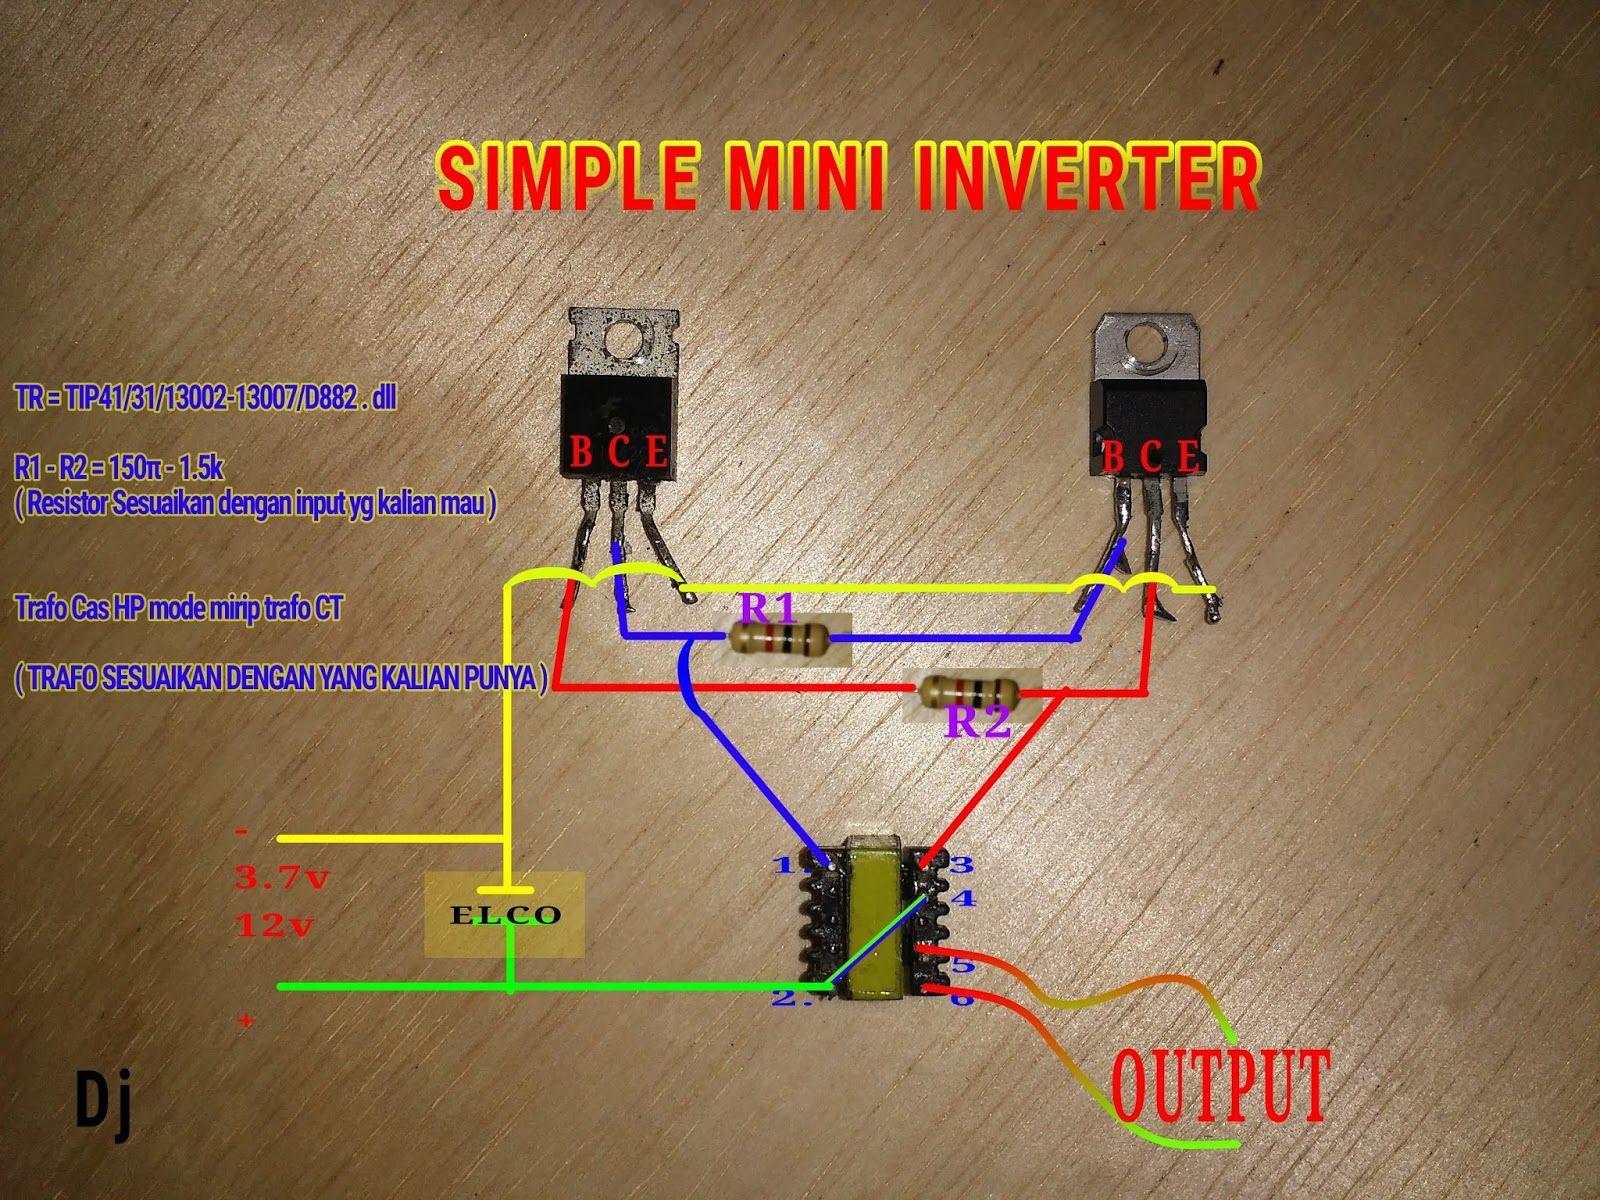 Membuat Inverter Mini Joule Thief Menggunakan Trafo Cas Hp Metode Trafo Ct Haloo Ketemu Lagi Ni Sama Blogs G Rangkaian Elektronik Teknik Listrik Stopkontak